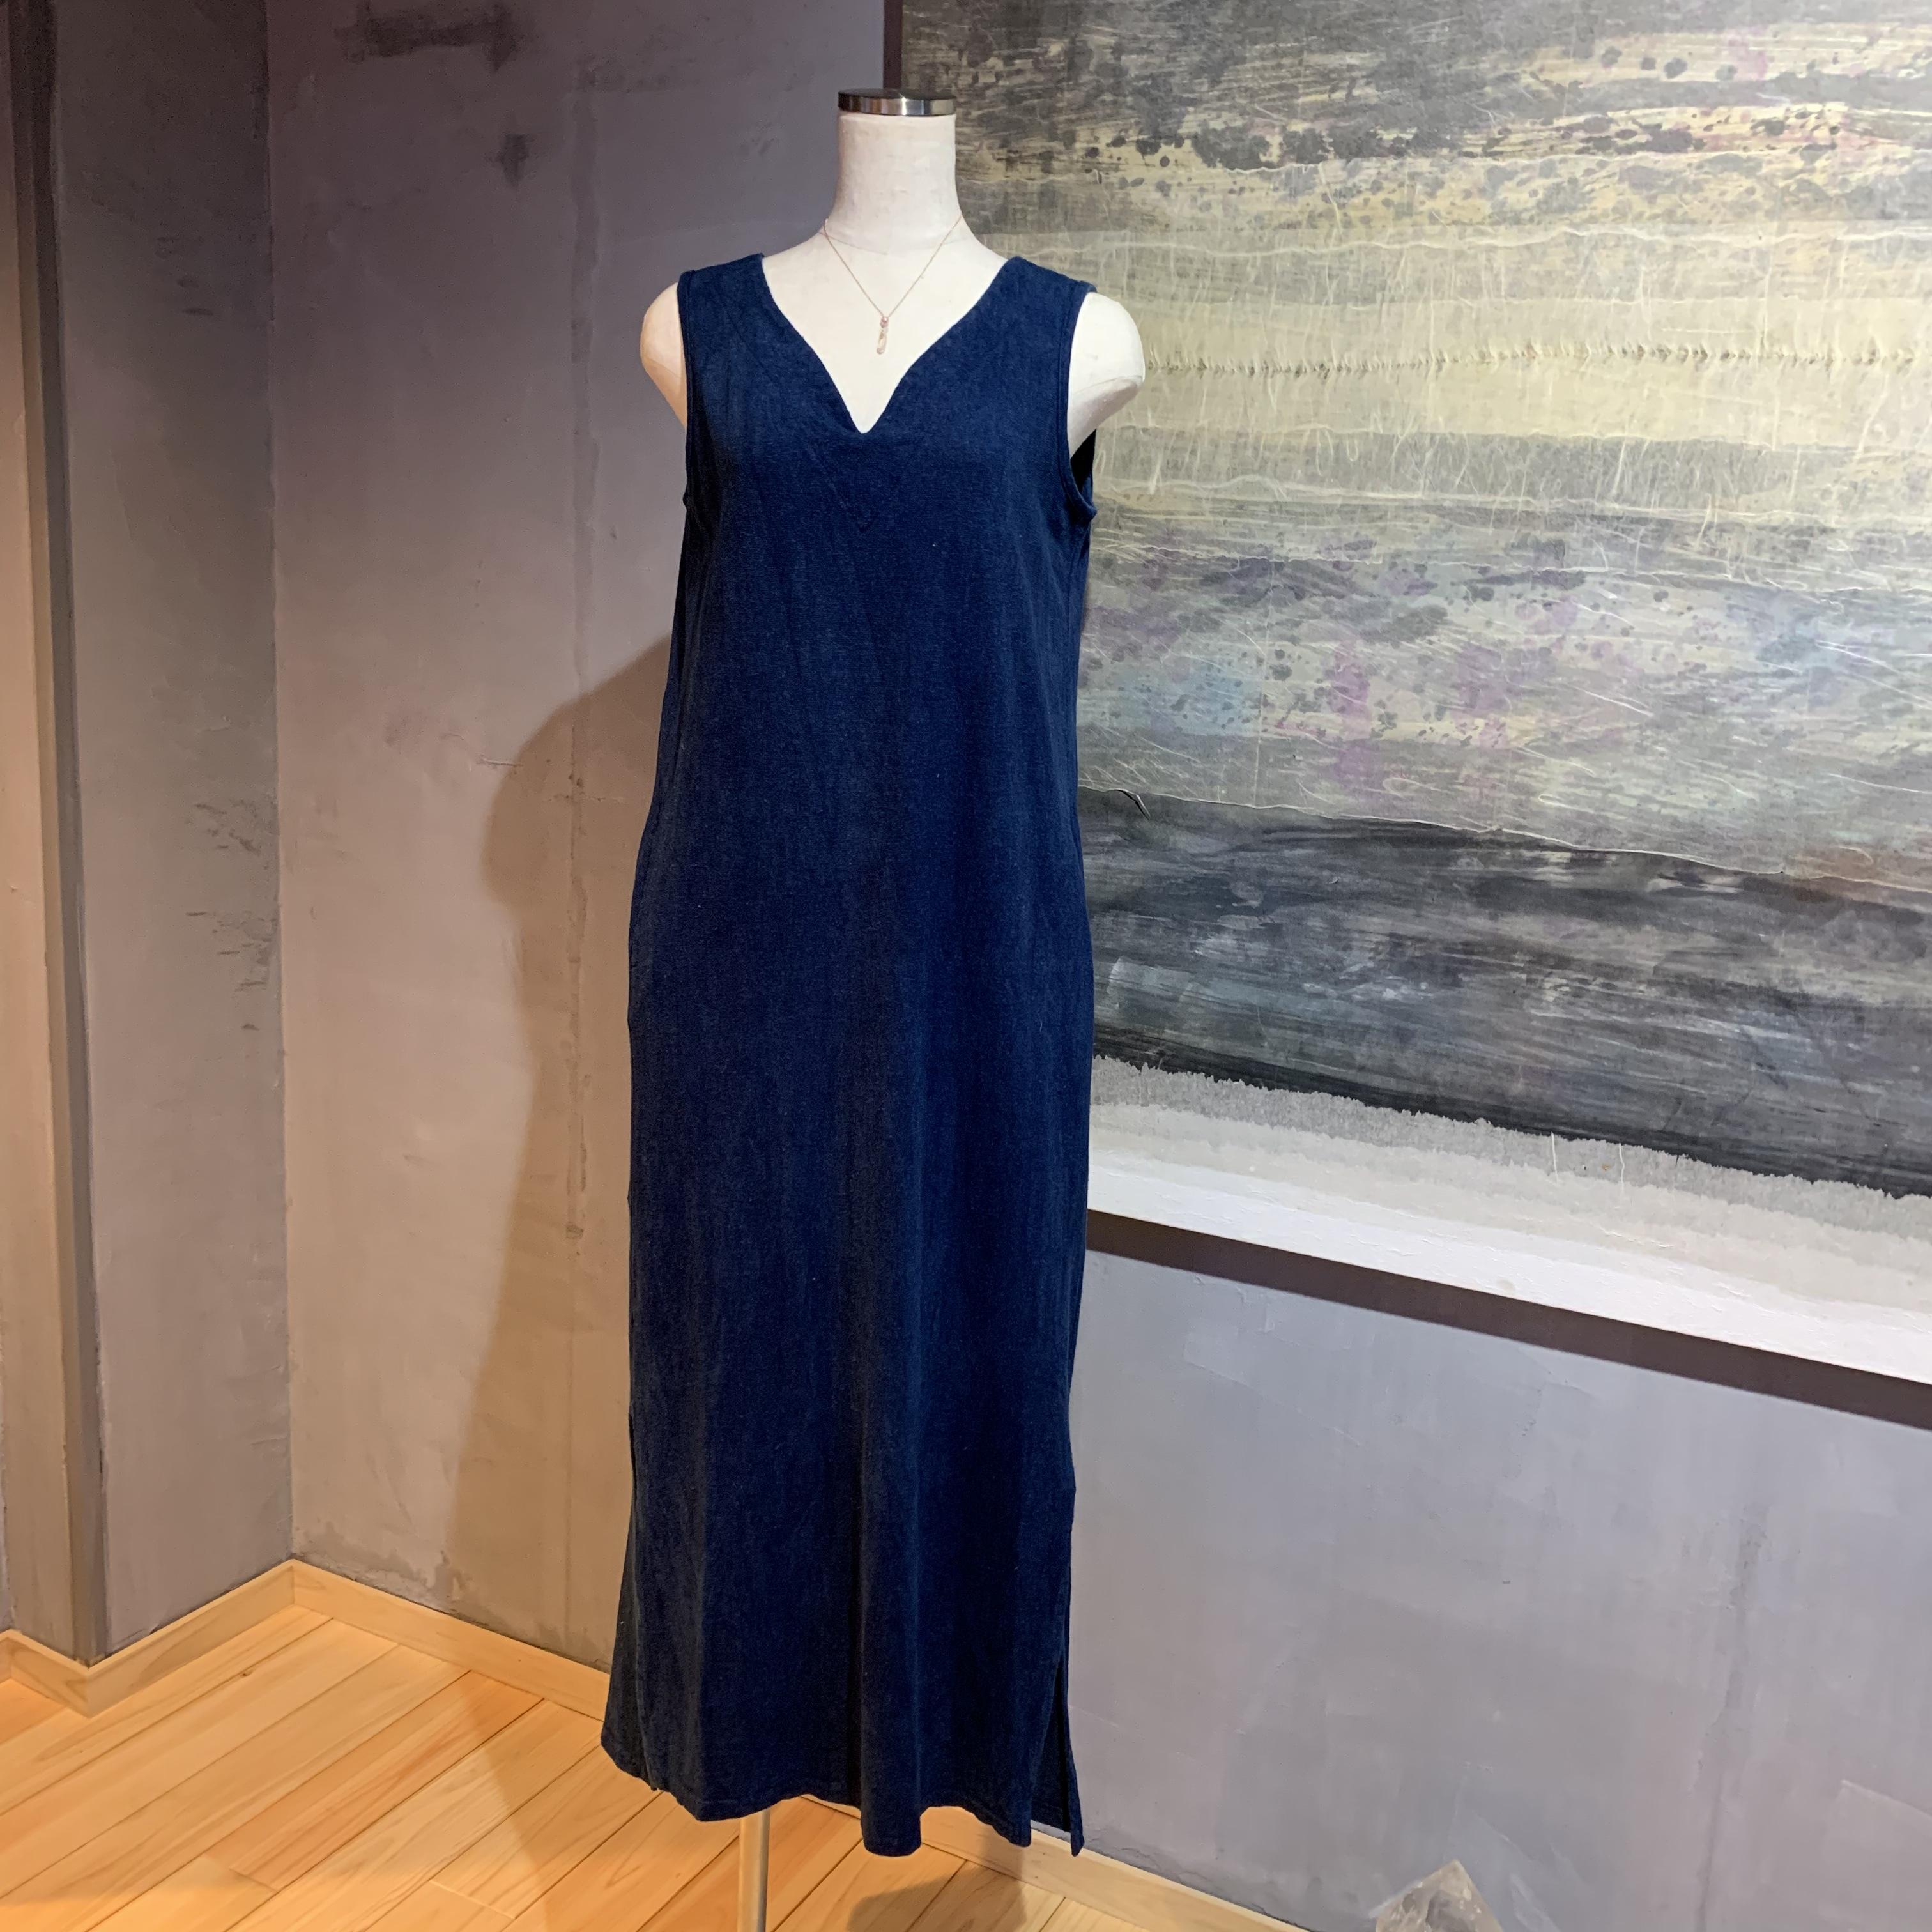 【先行販売価格】∞One Piece Dress∞ Hemp/OC Plain Woven Thin